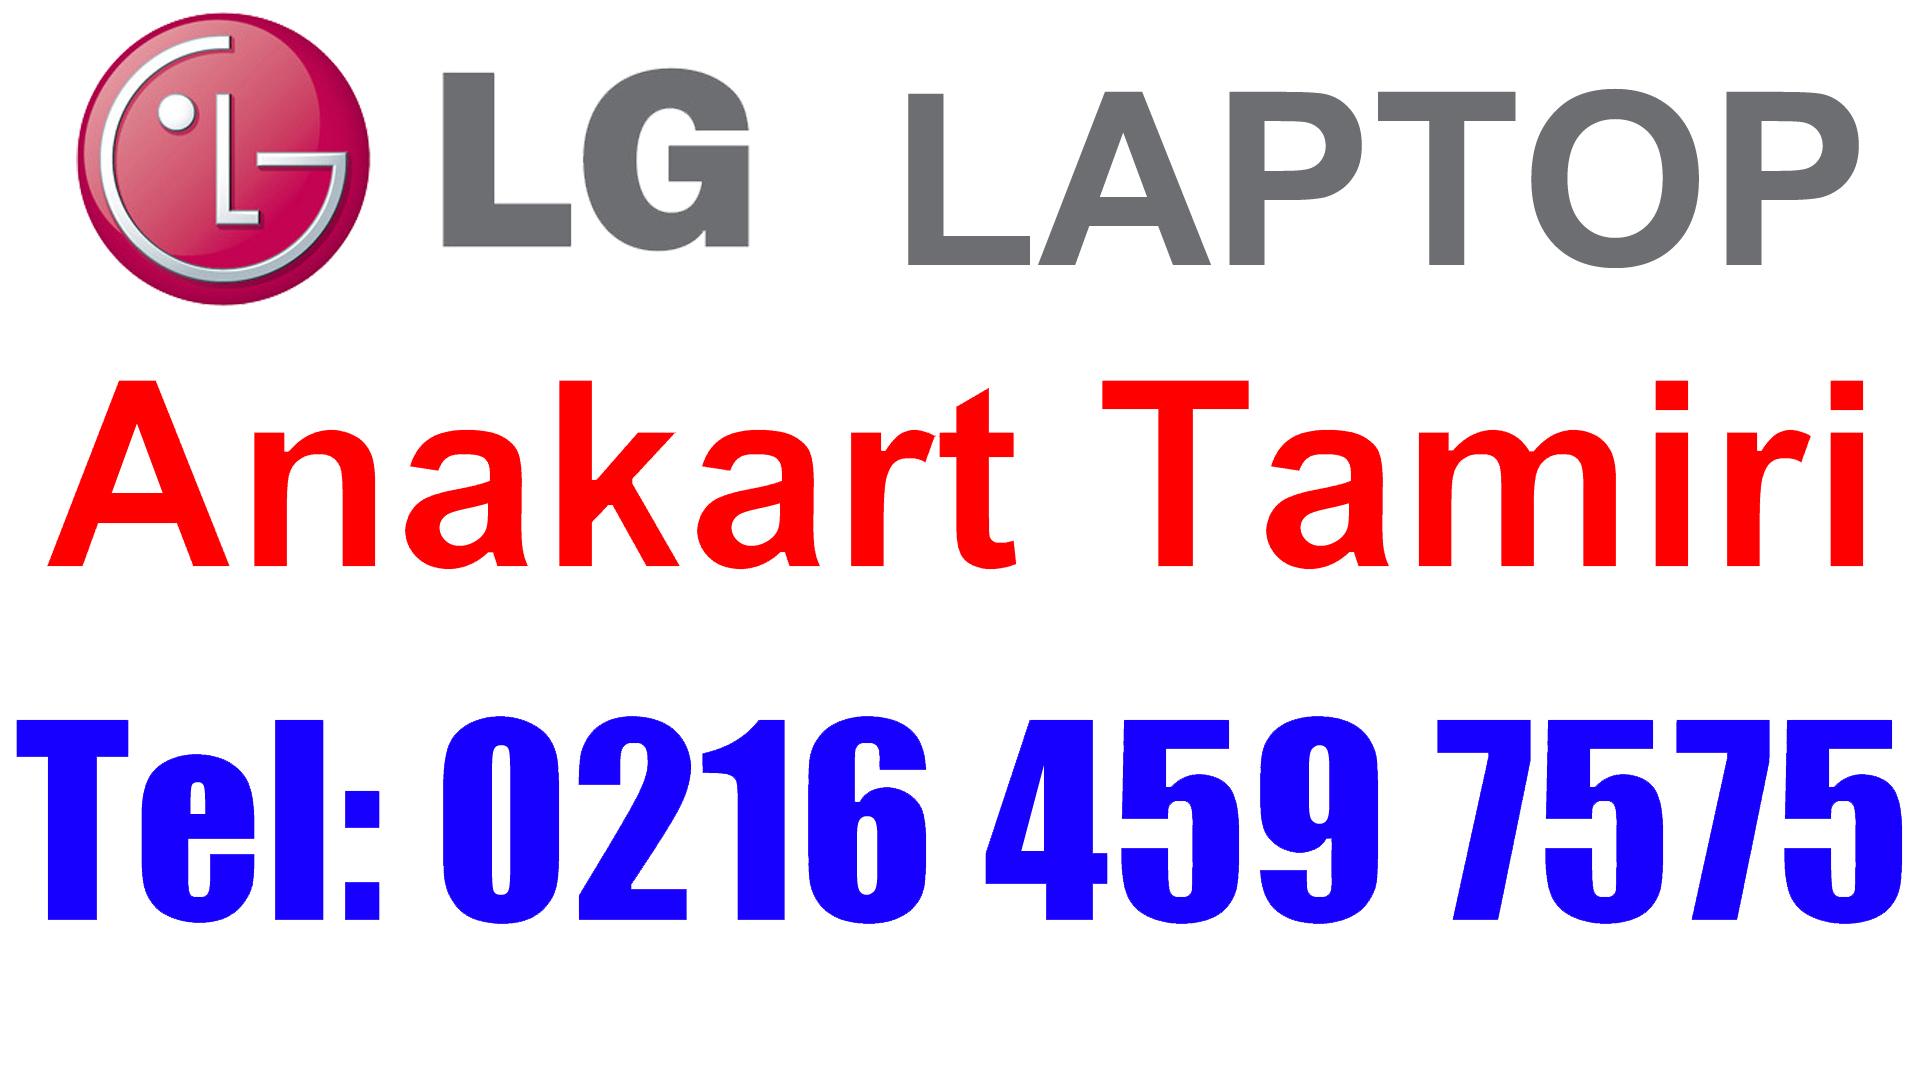 LG Laptop Anakart Tamiri ve Değişimi